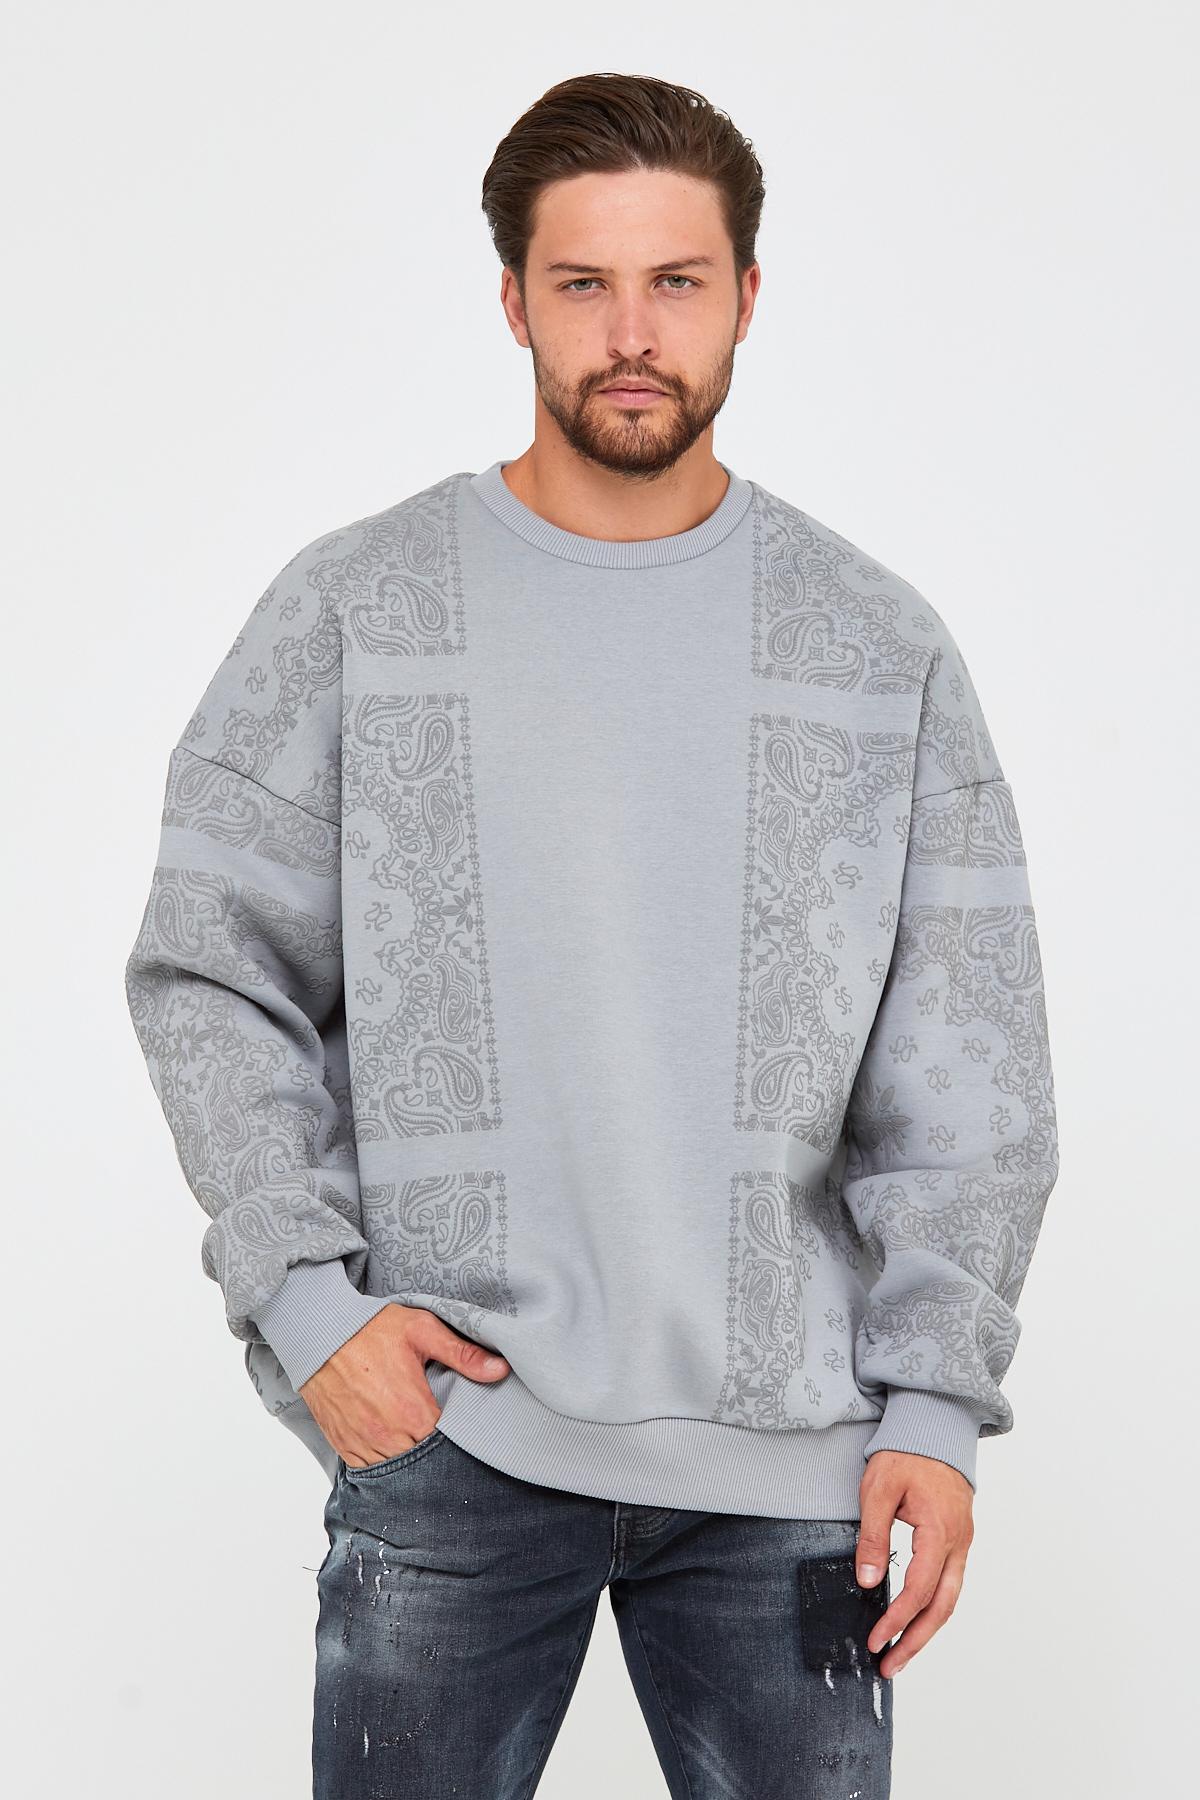 Bebe Mavisi Üç İplik Baskılı Sweatshirt 2KXE8-45499-55